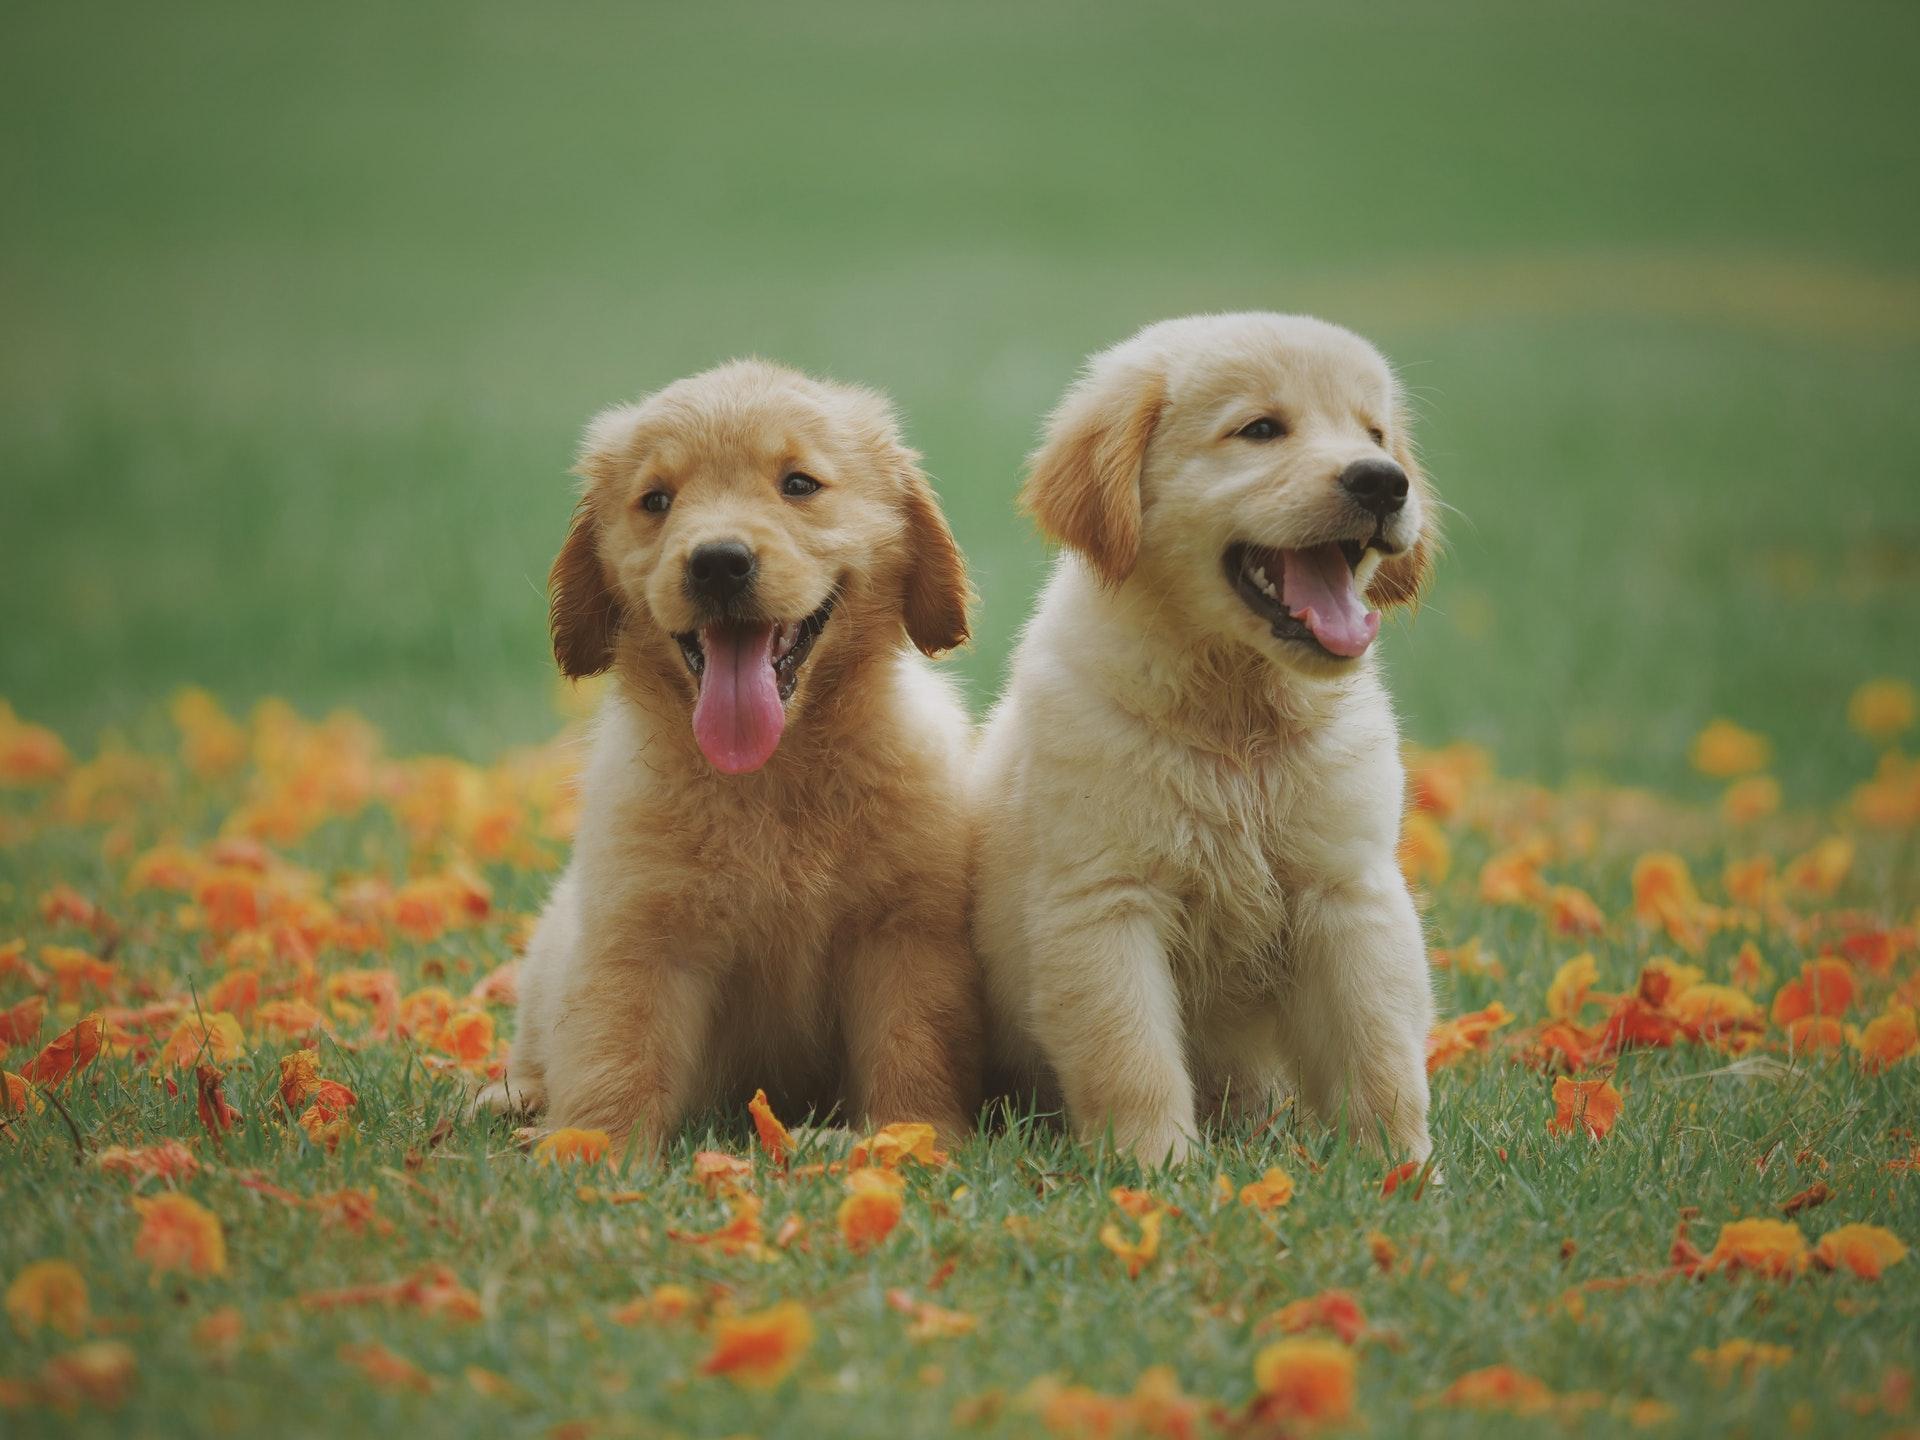 cachorro para comprar de ocnhecidos não possui garantias.